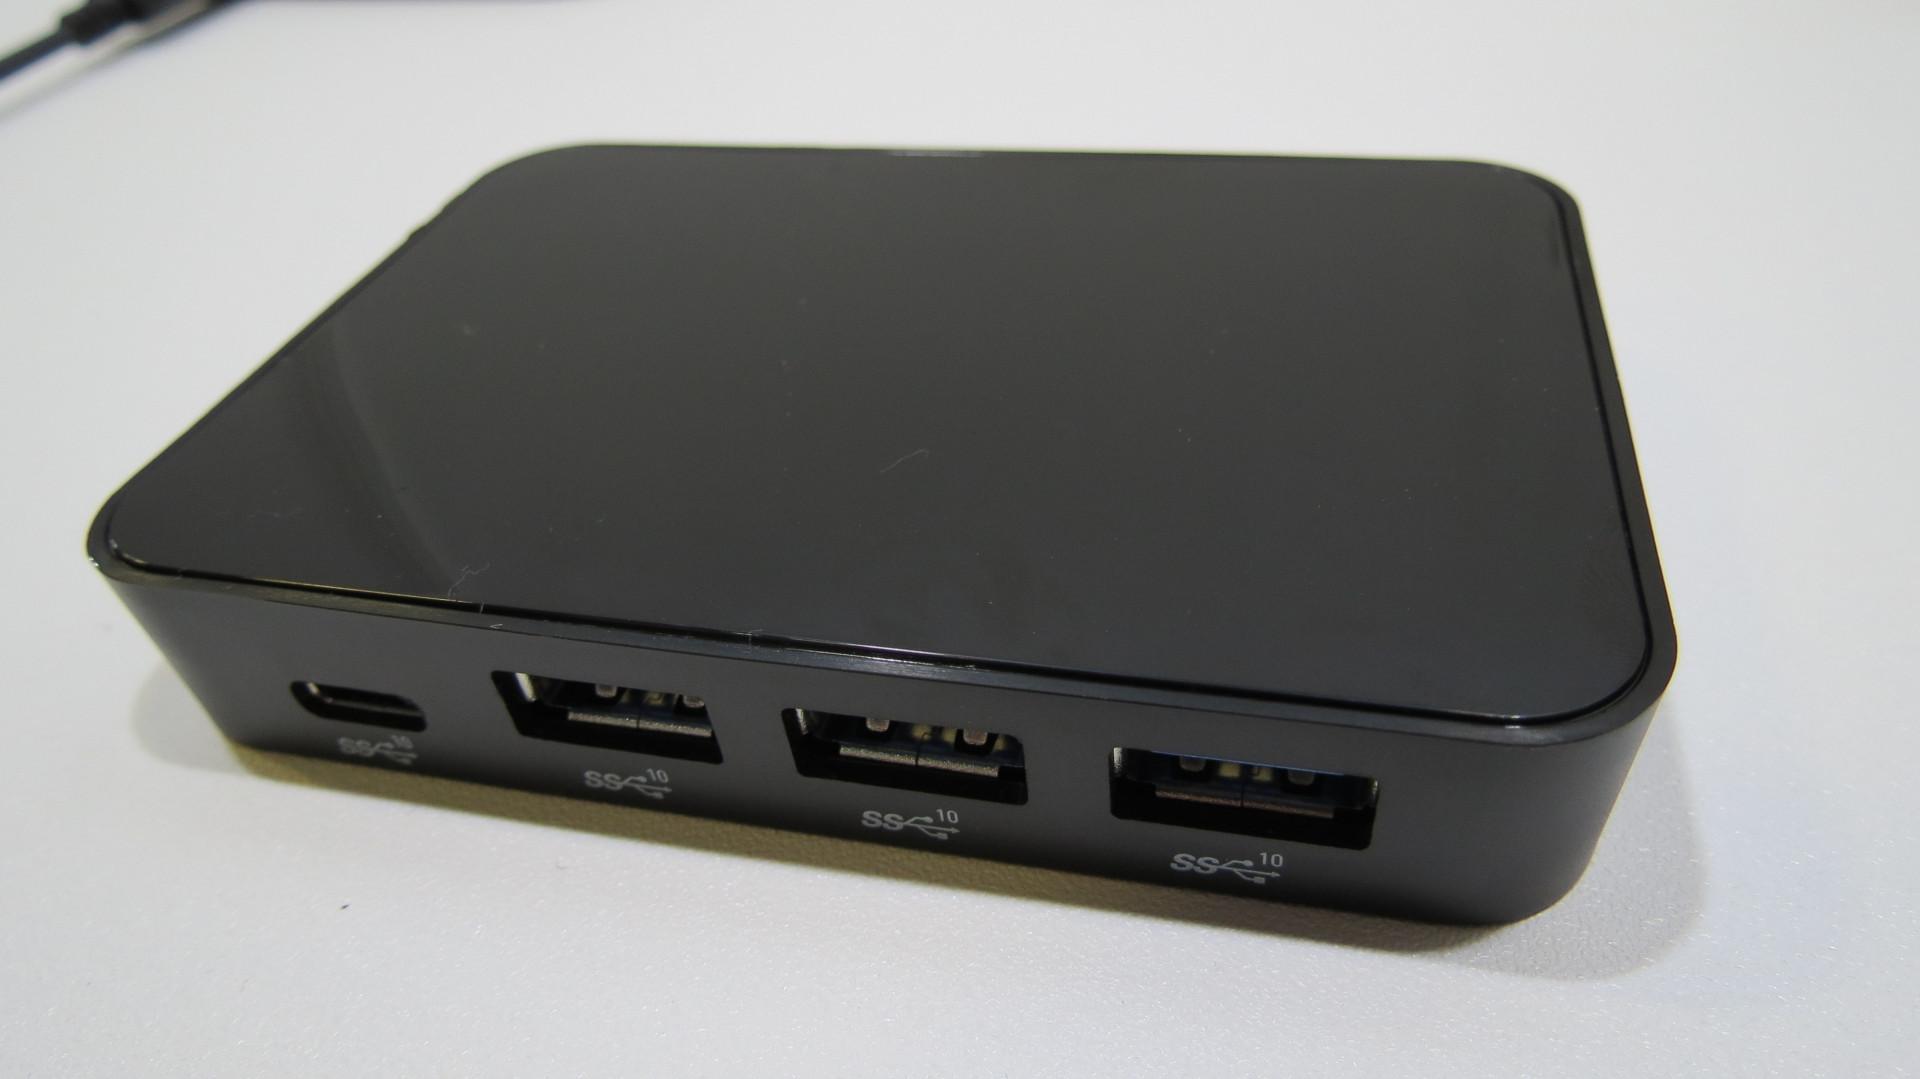 Schnelle USB-Hubs in Sicht